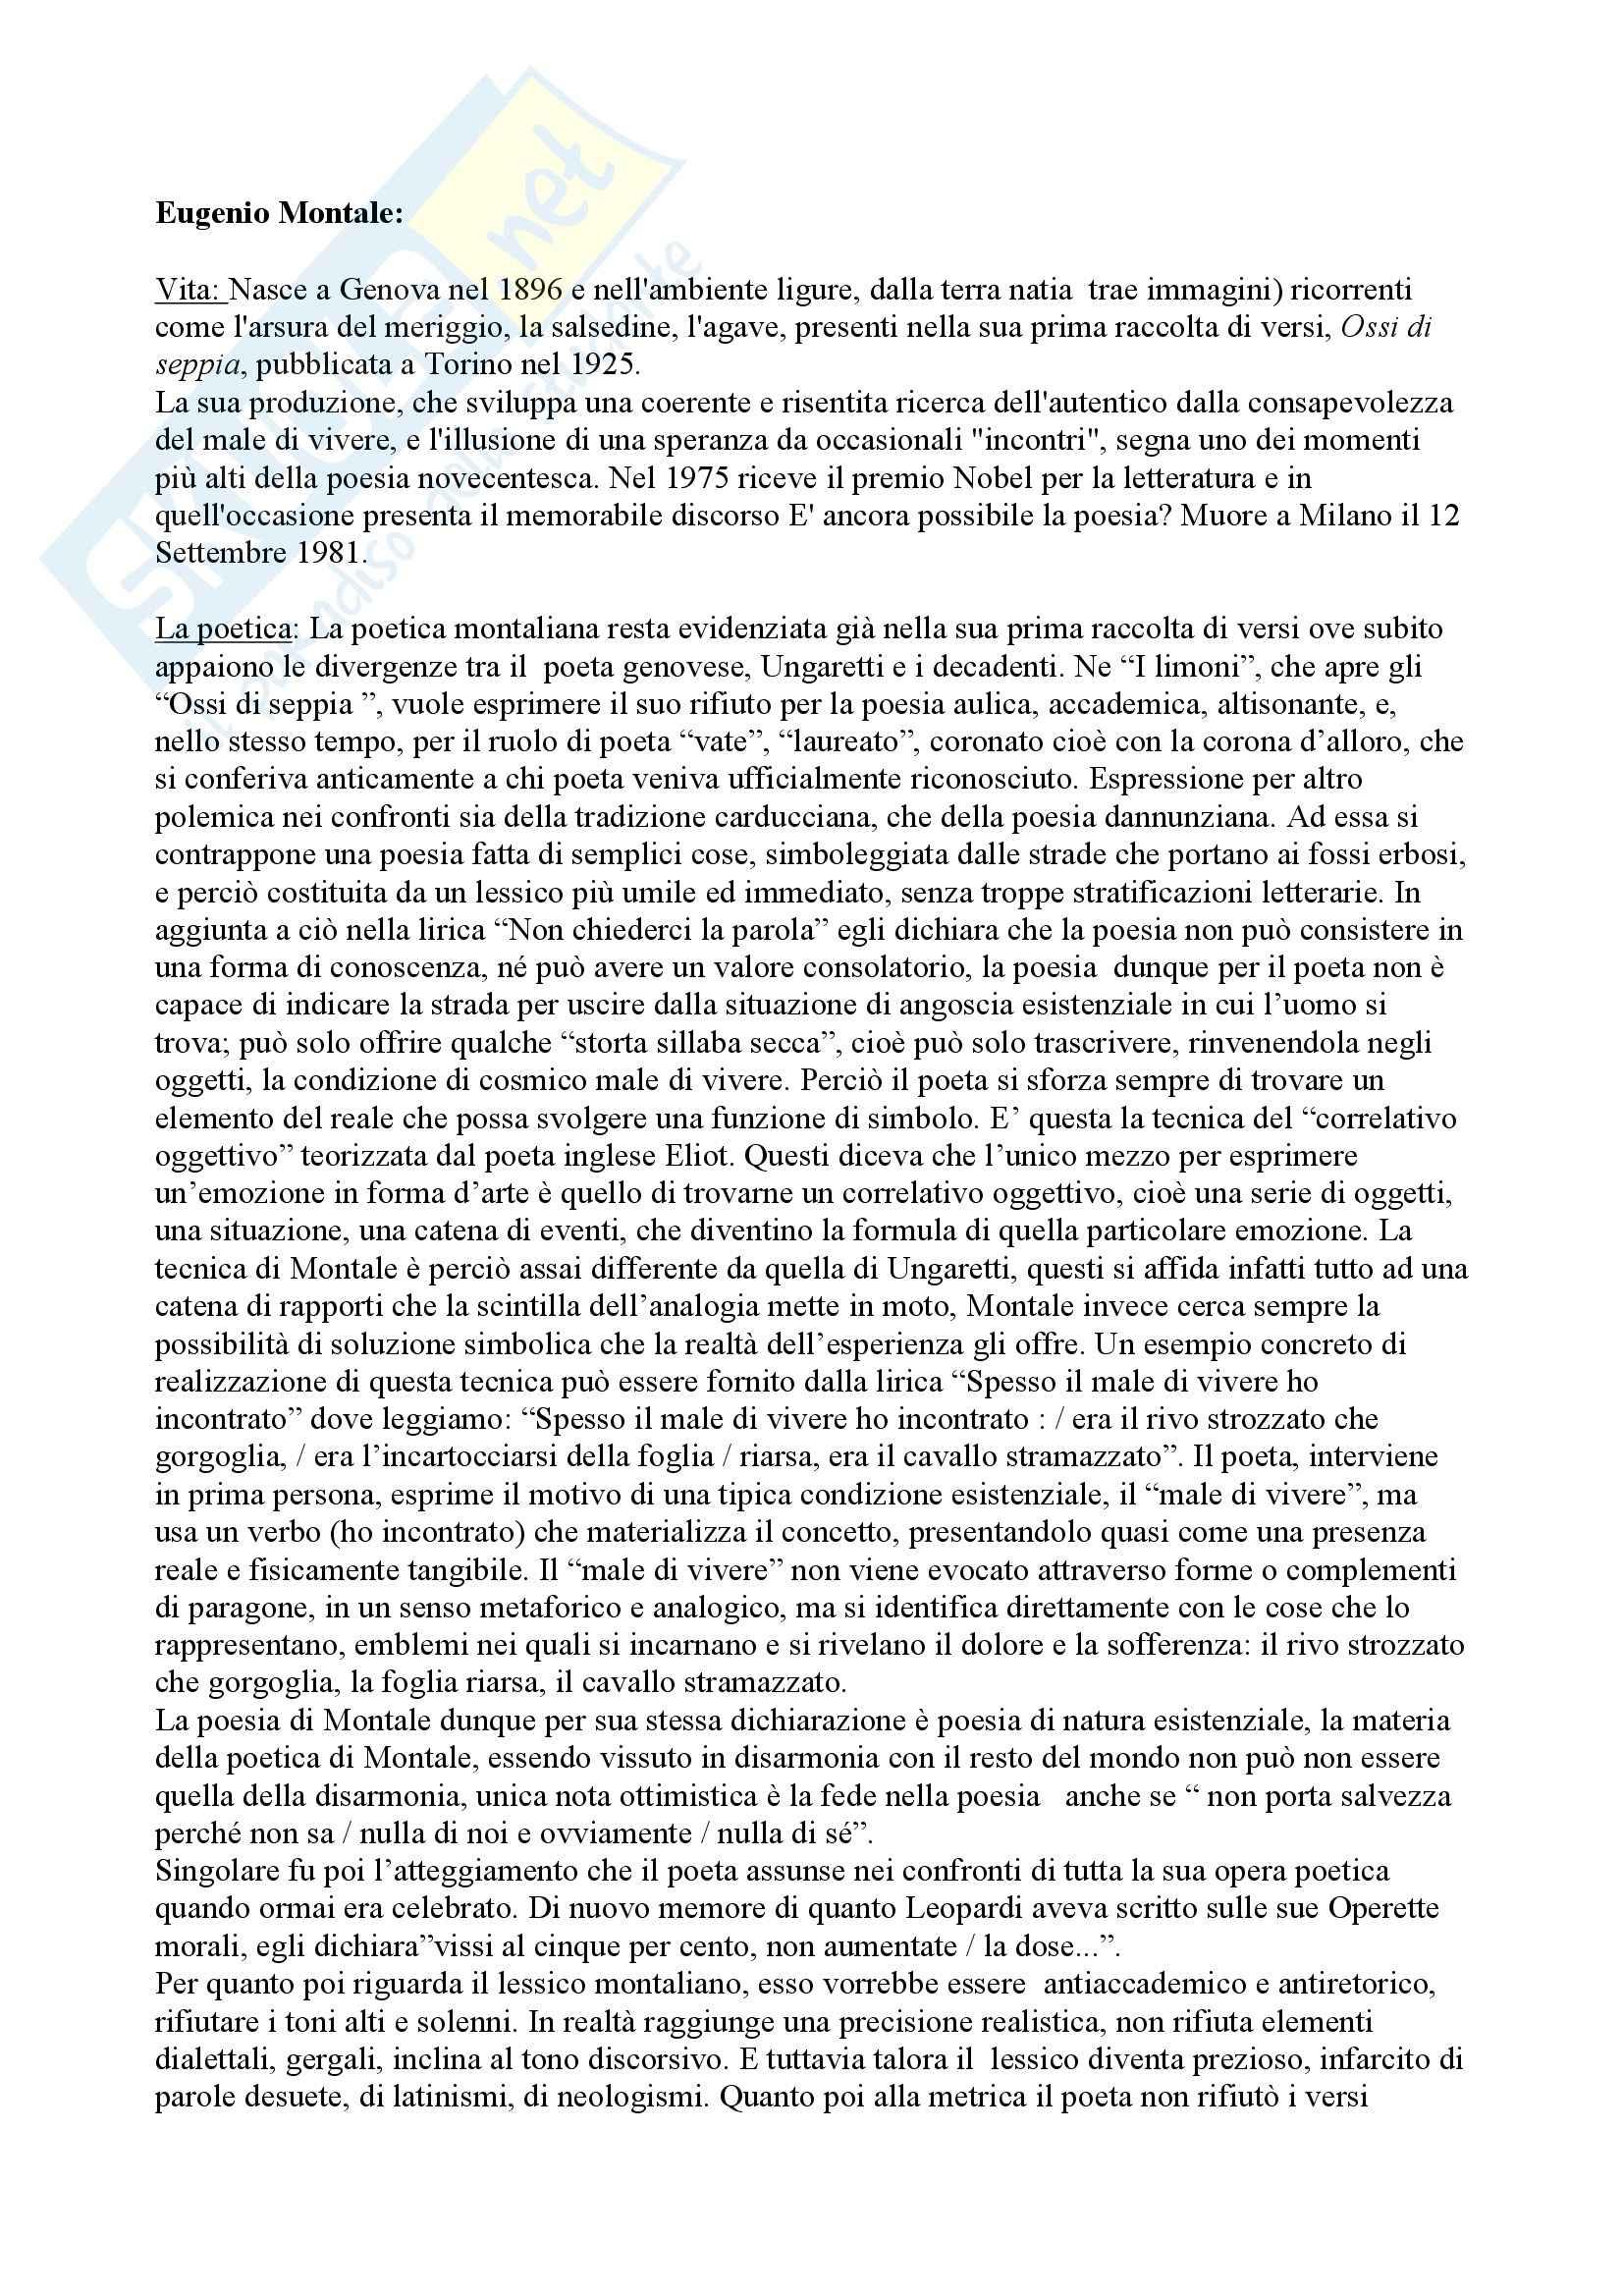 Letteratura italiana - Eugenio Montale